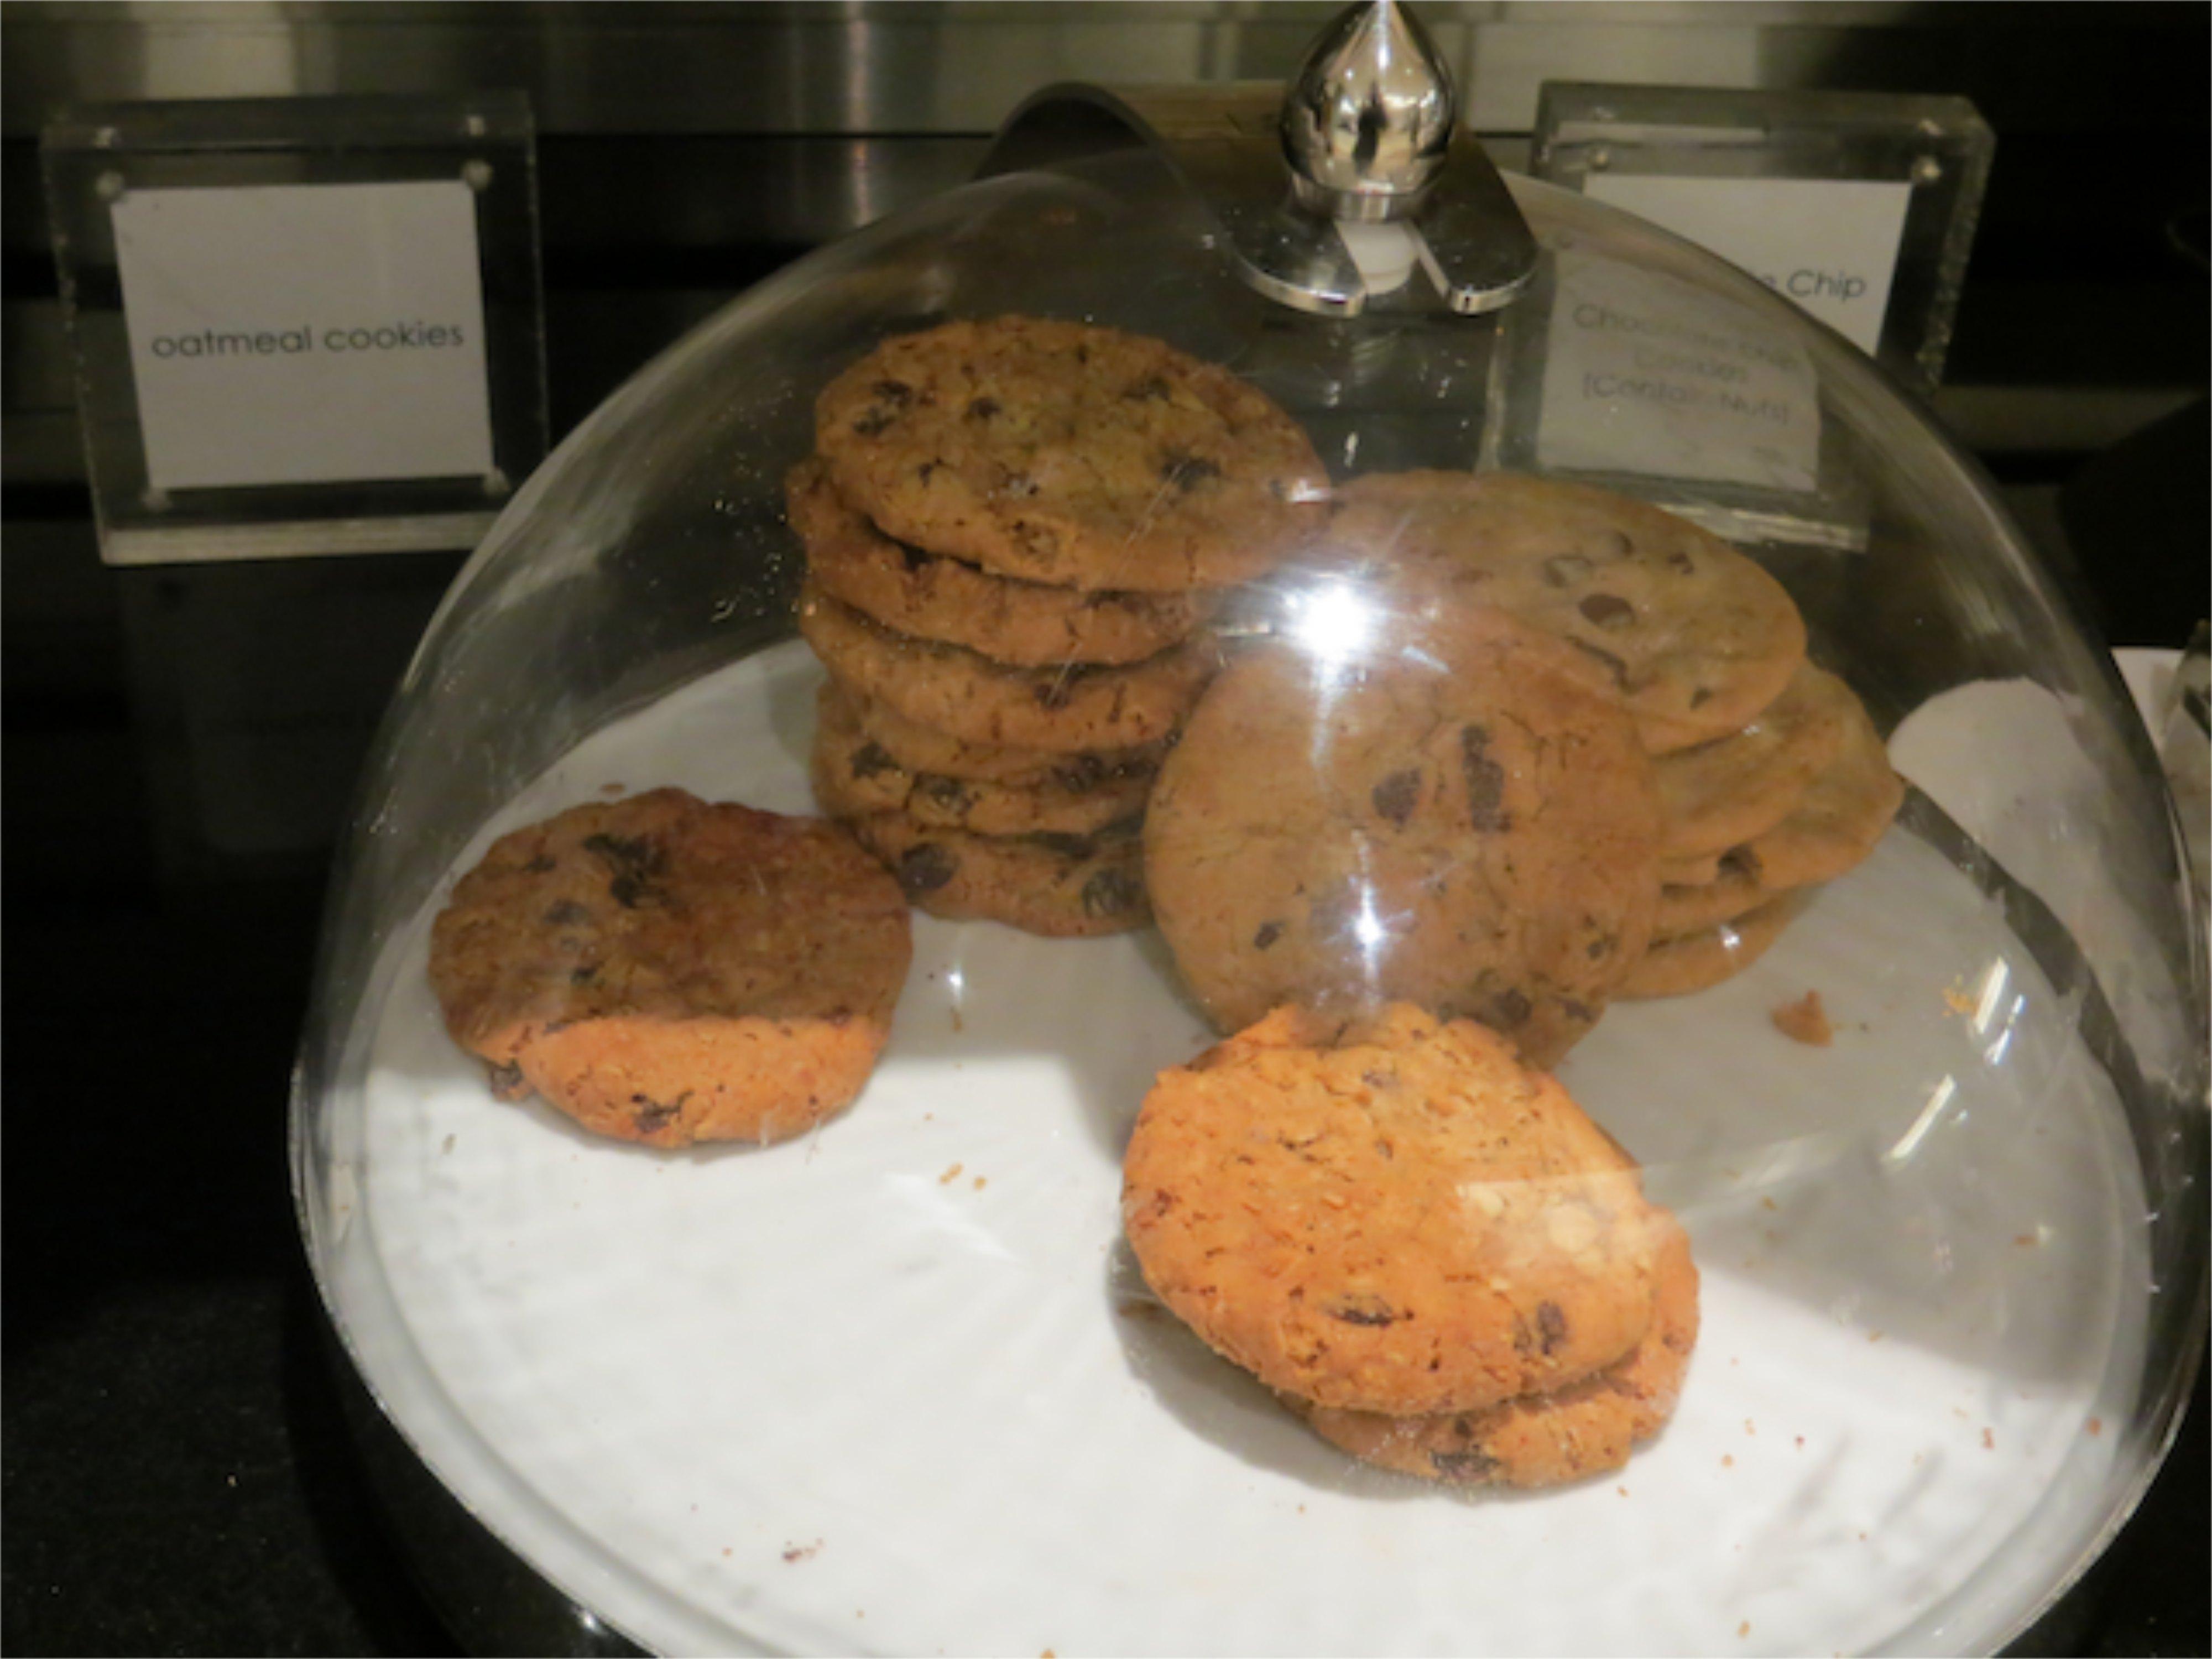 British Airways Galleries Lounge JFK - Cookies